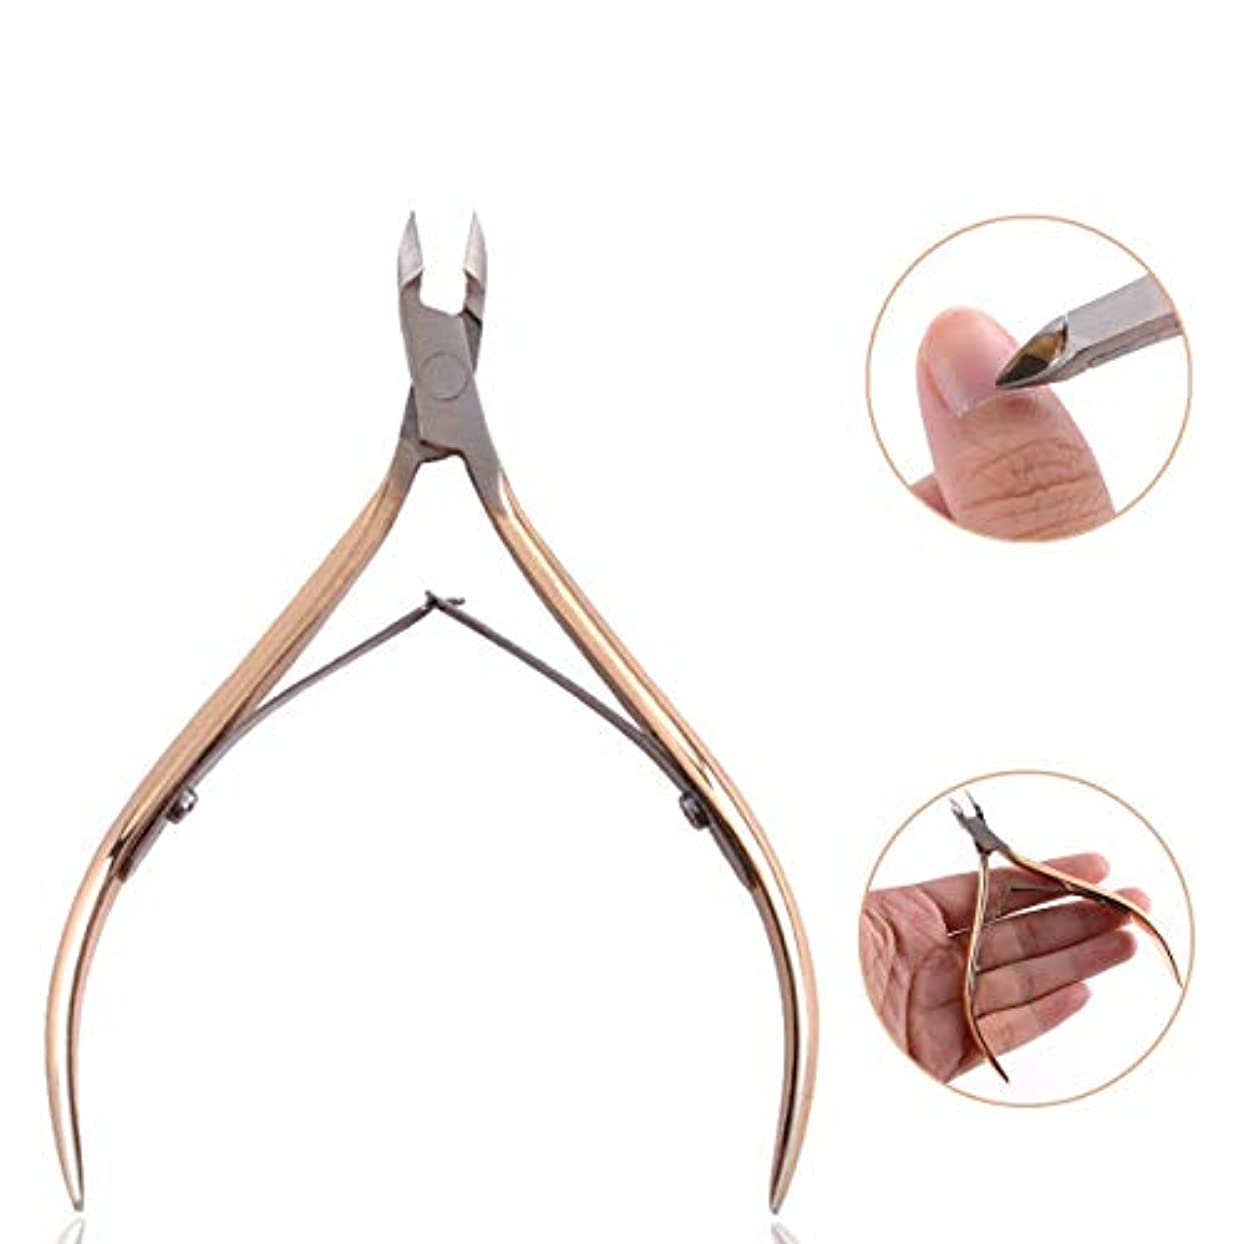 以上ブラスト辛いニッパー爪切り 爪切り 甘皮切り ステンレス製 切れ味抜群 厚い爪 変形爪 陥入爪 巻き爪に 水虫爪最適 高齢者 医療 介護 高品質 ギフト